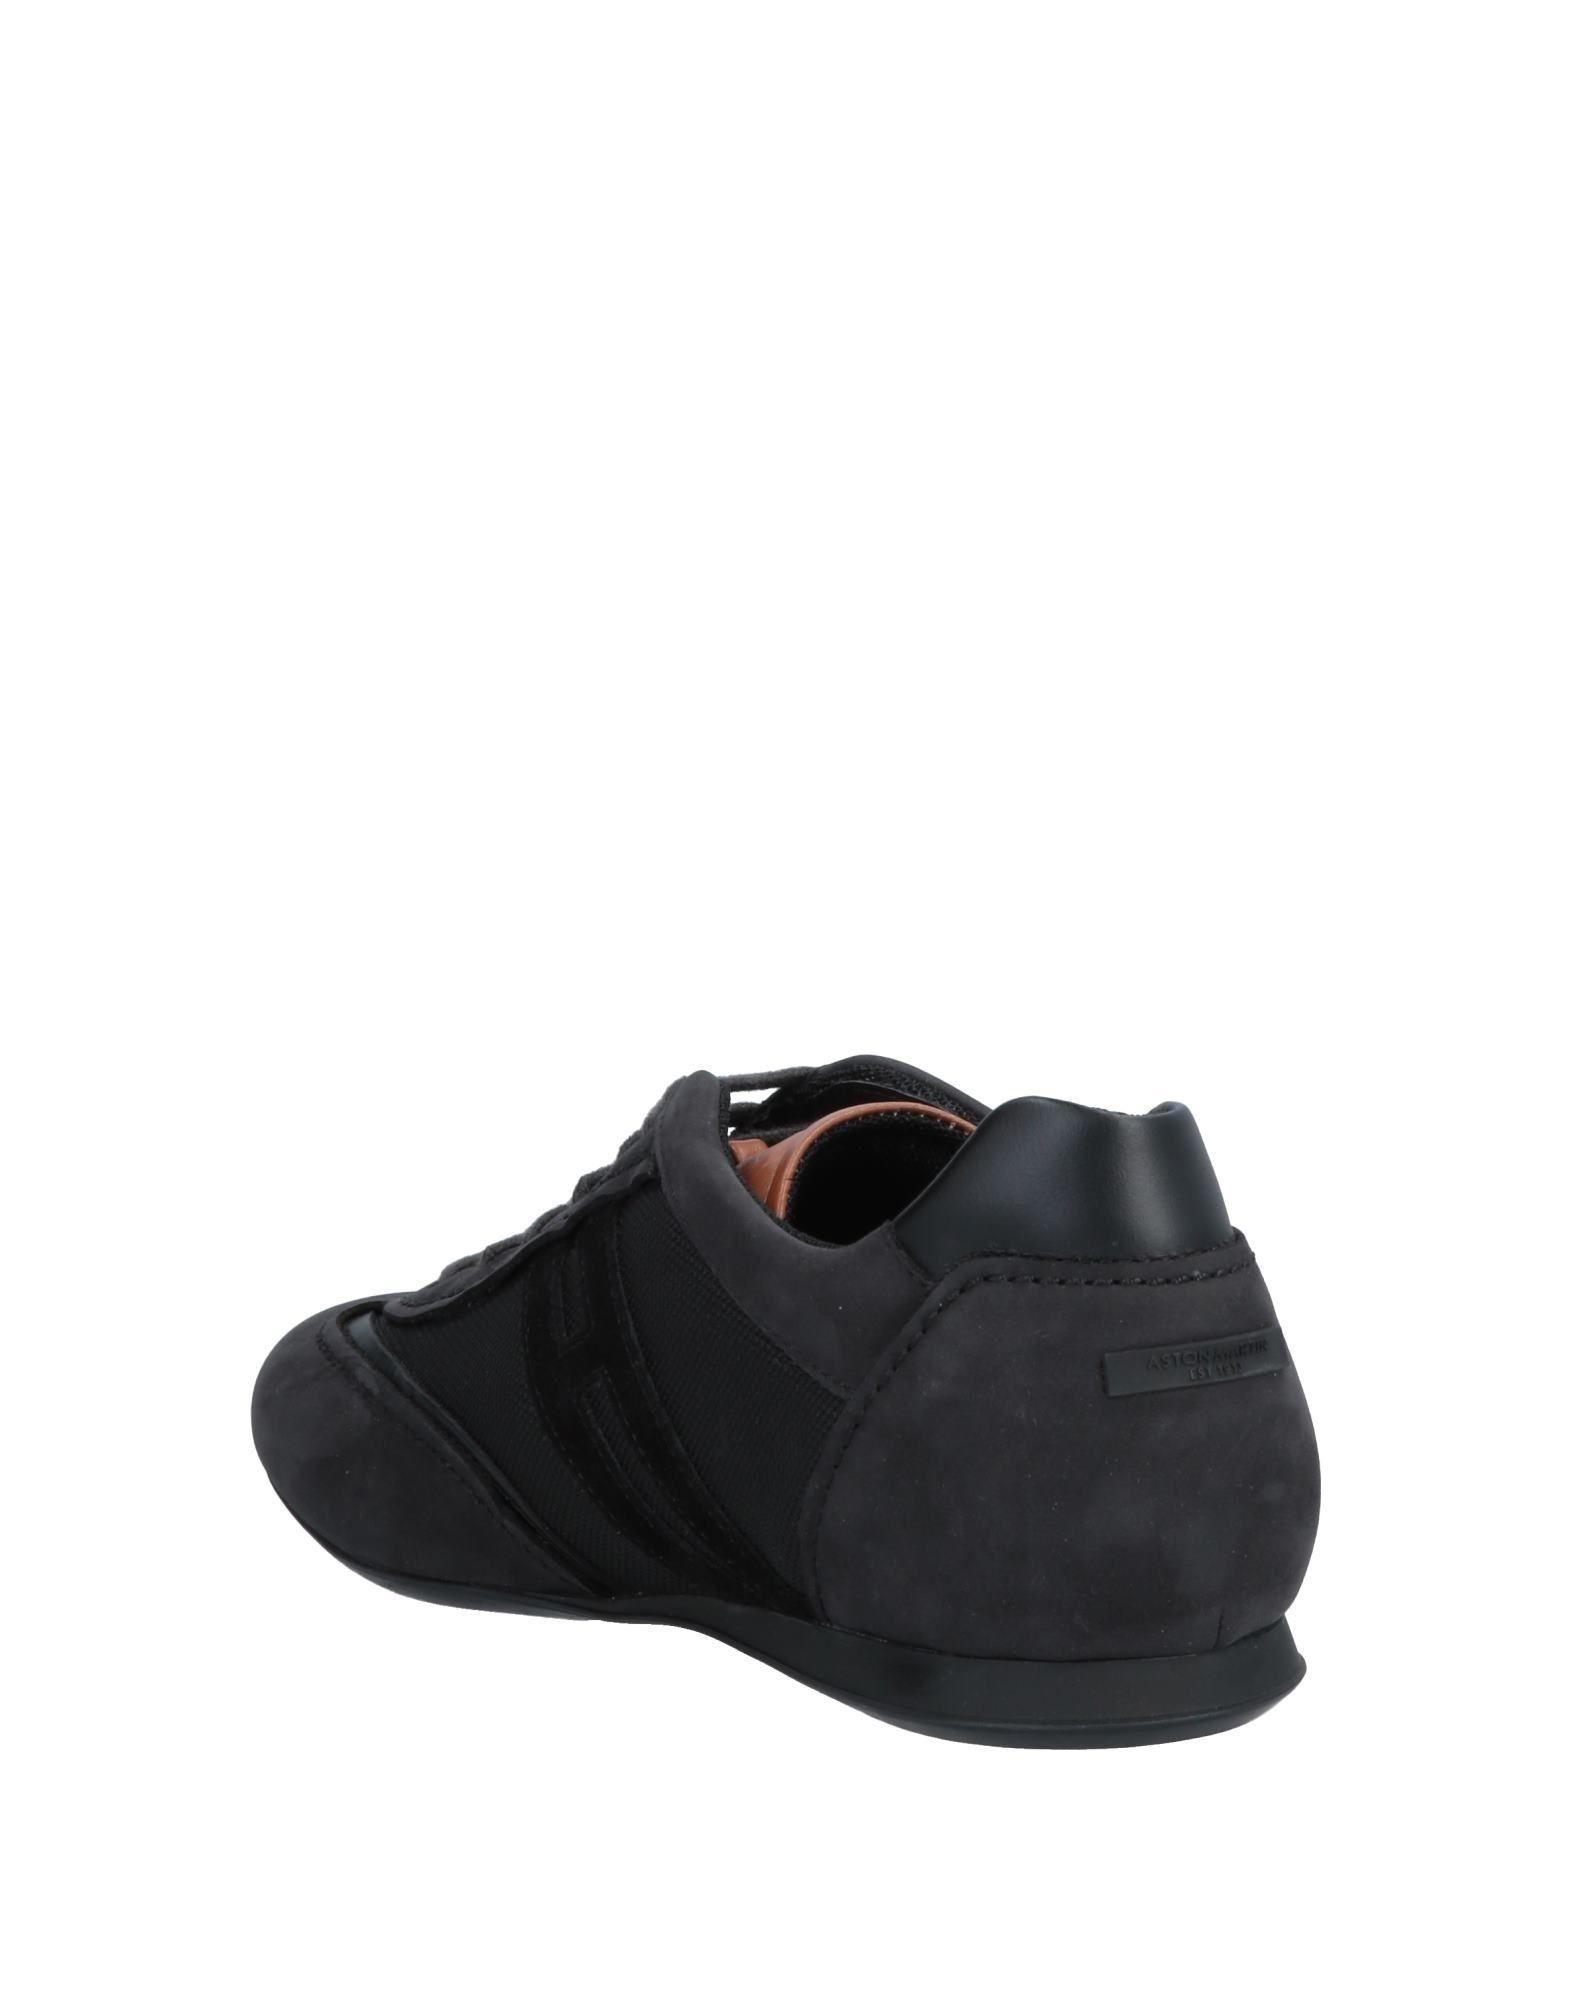 Hogan Sneakers Herren  11526385TR 11526385TR   17fbfe